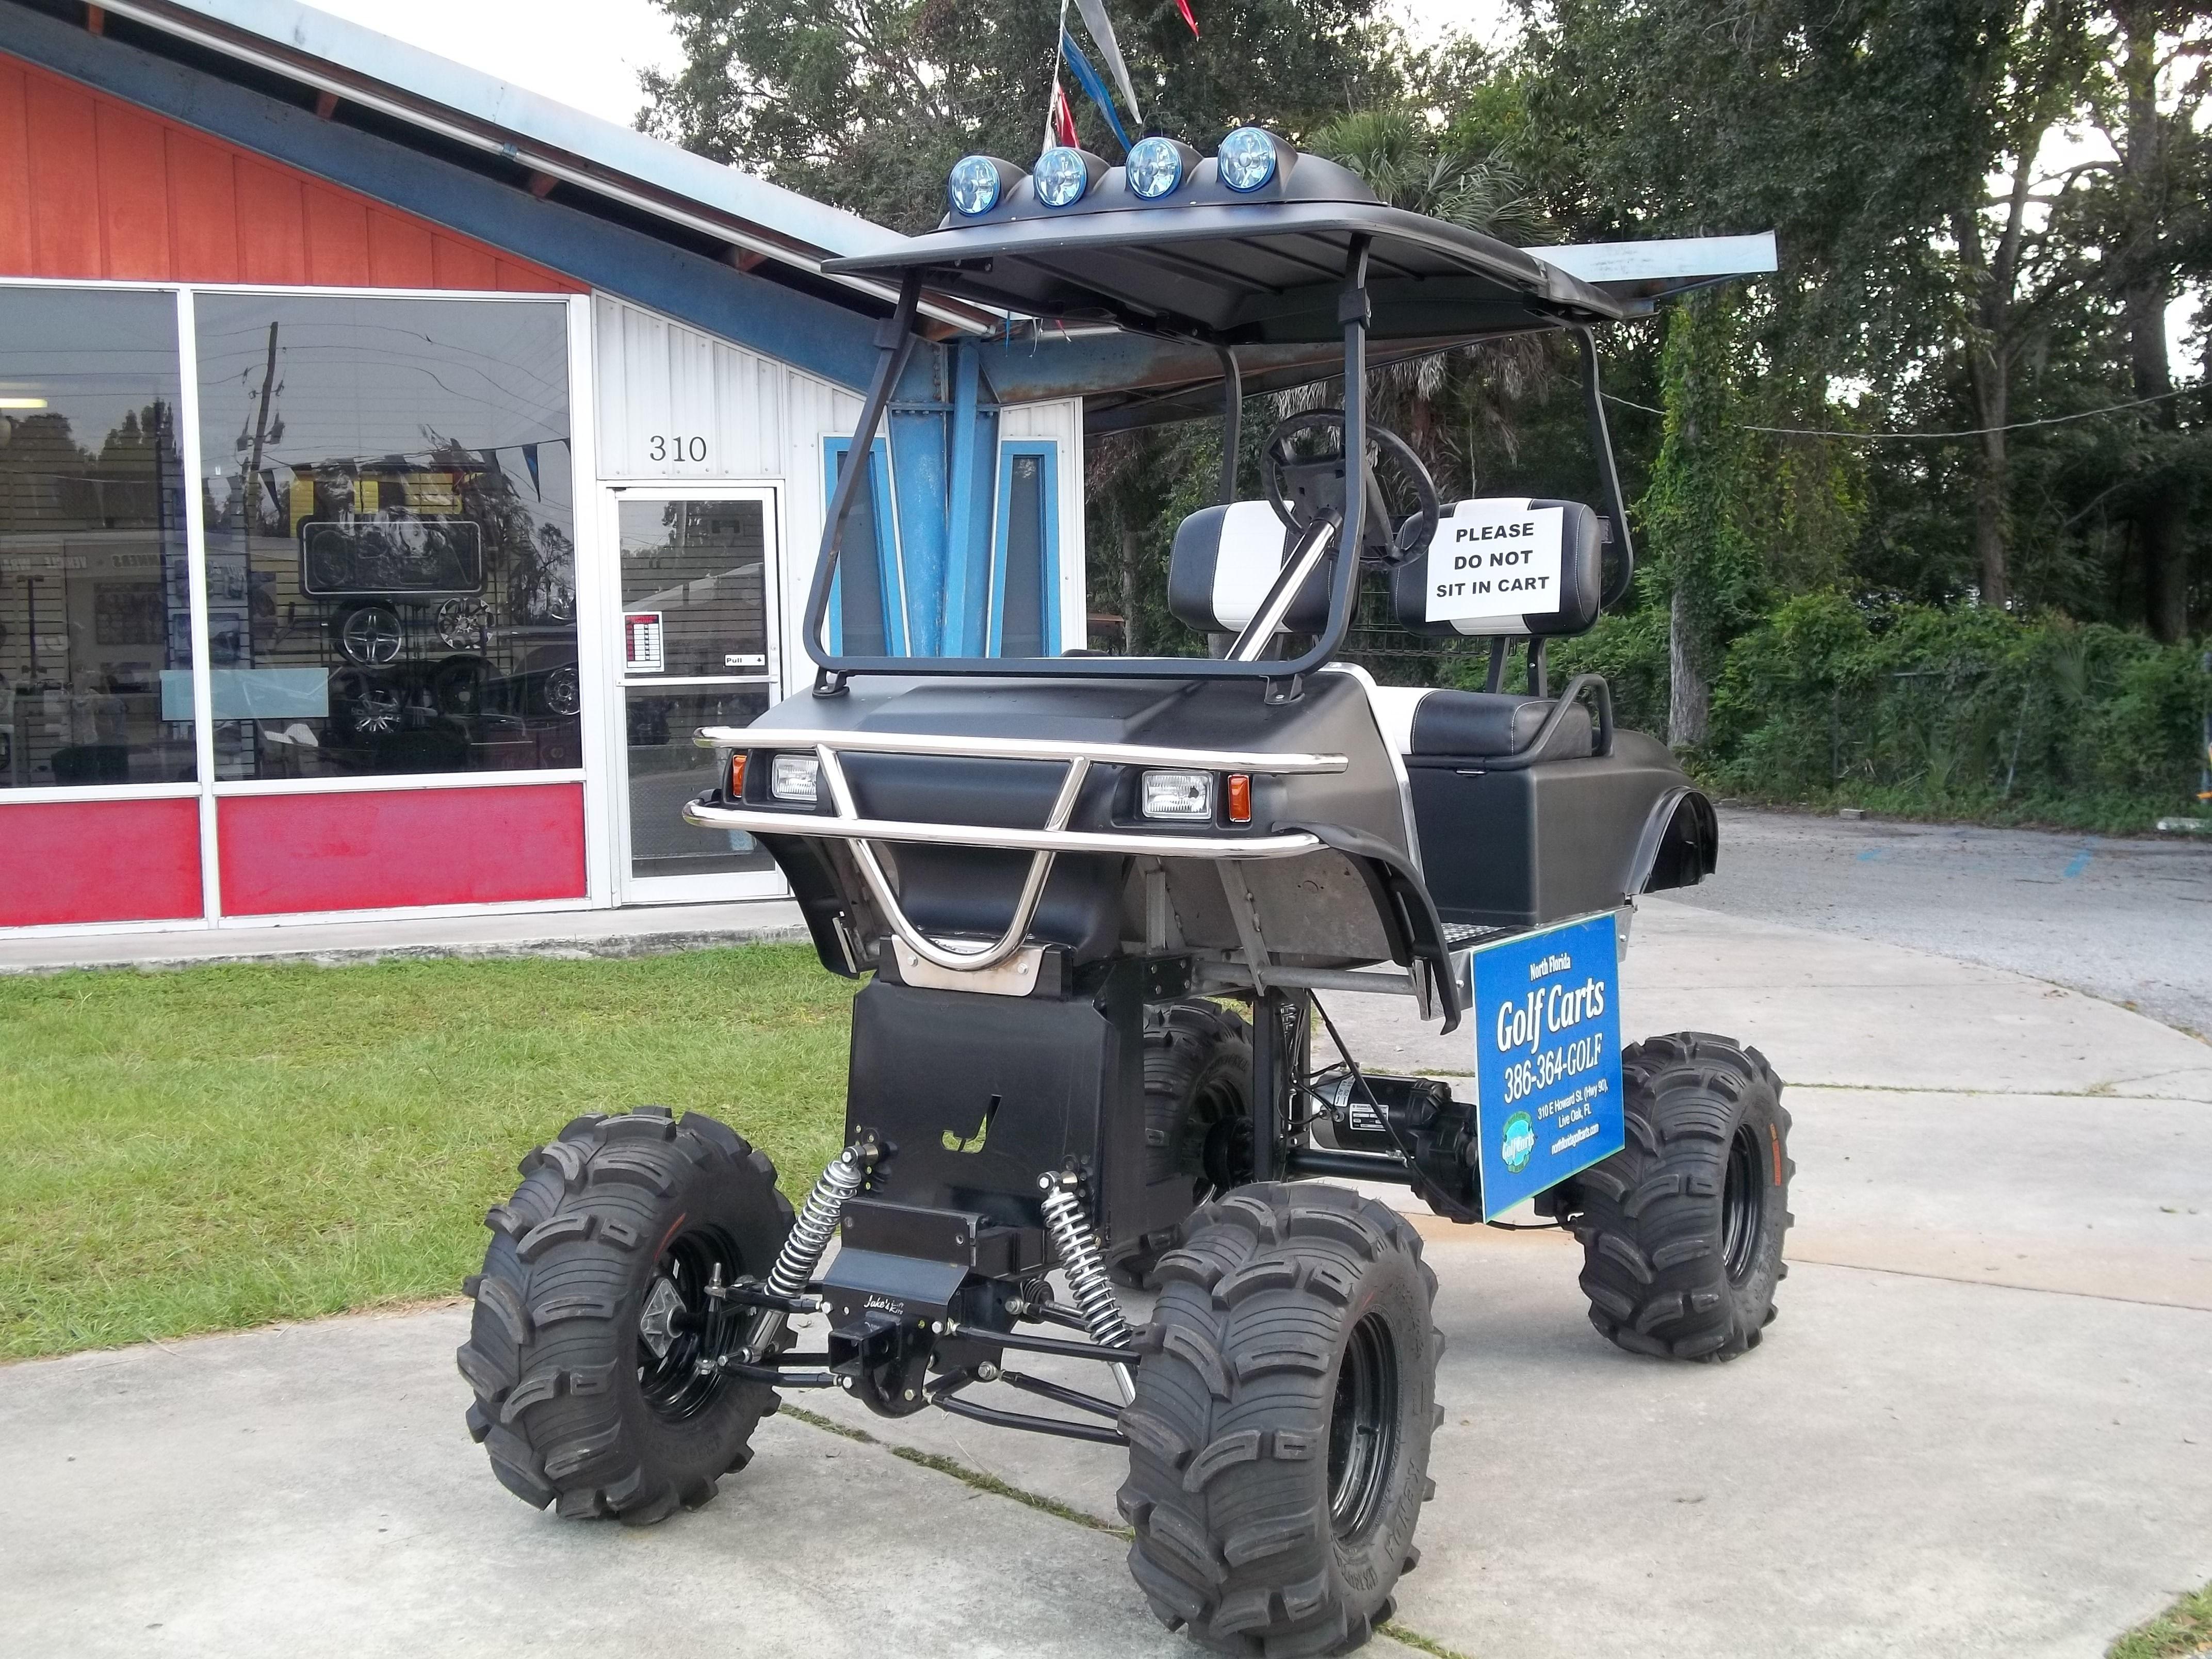 76 yamaha golf cart